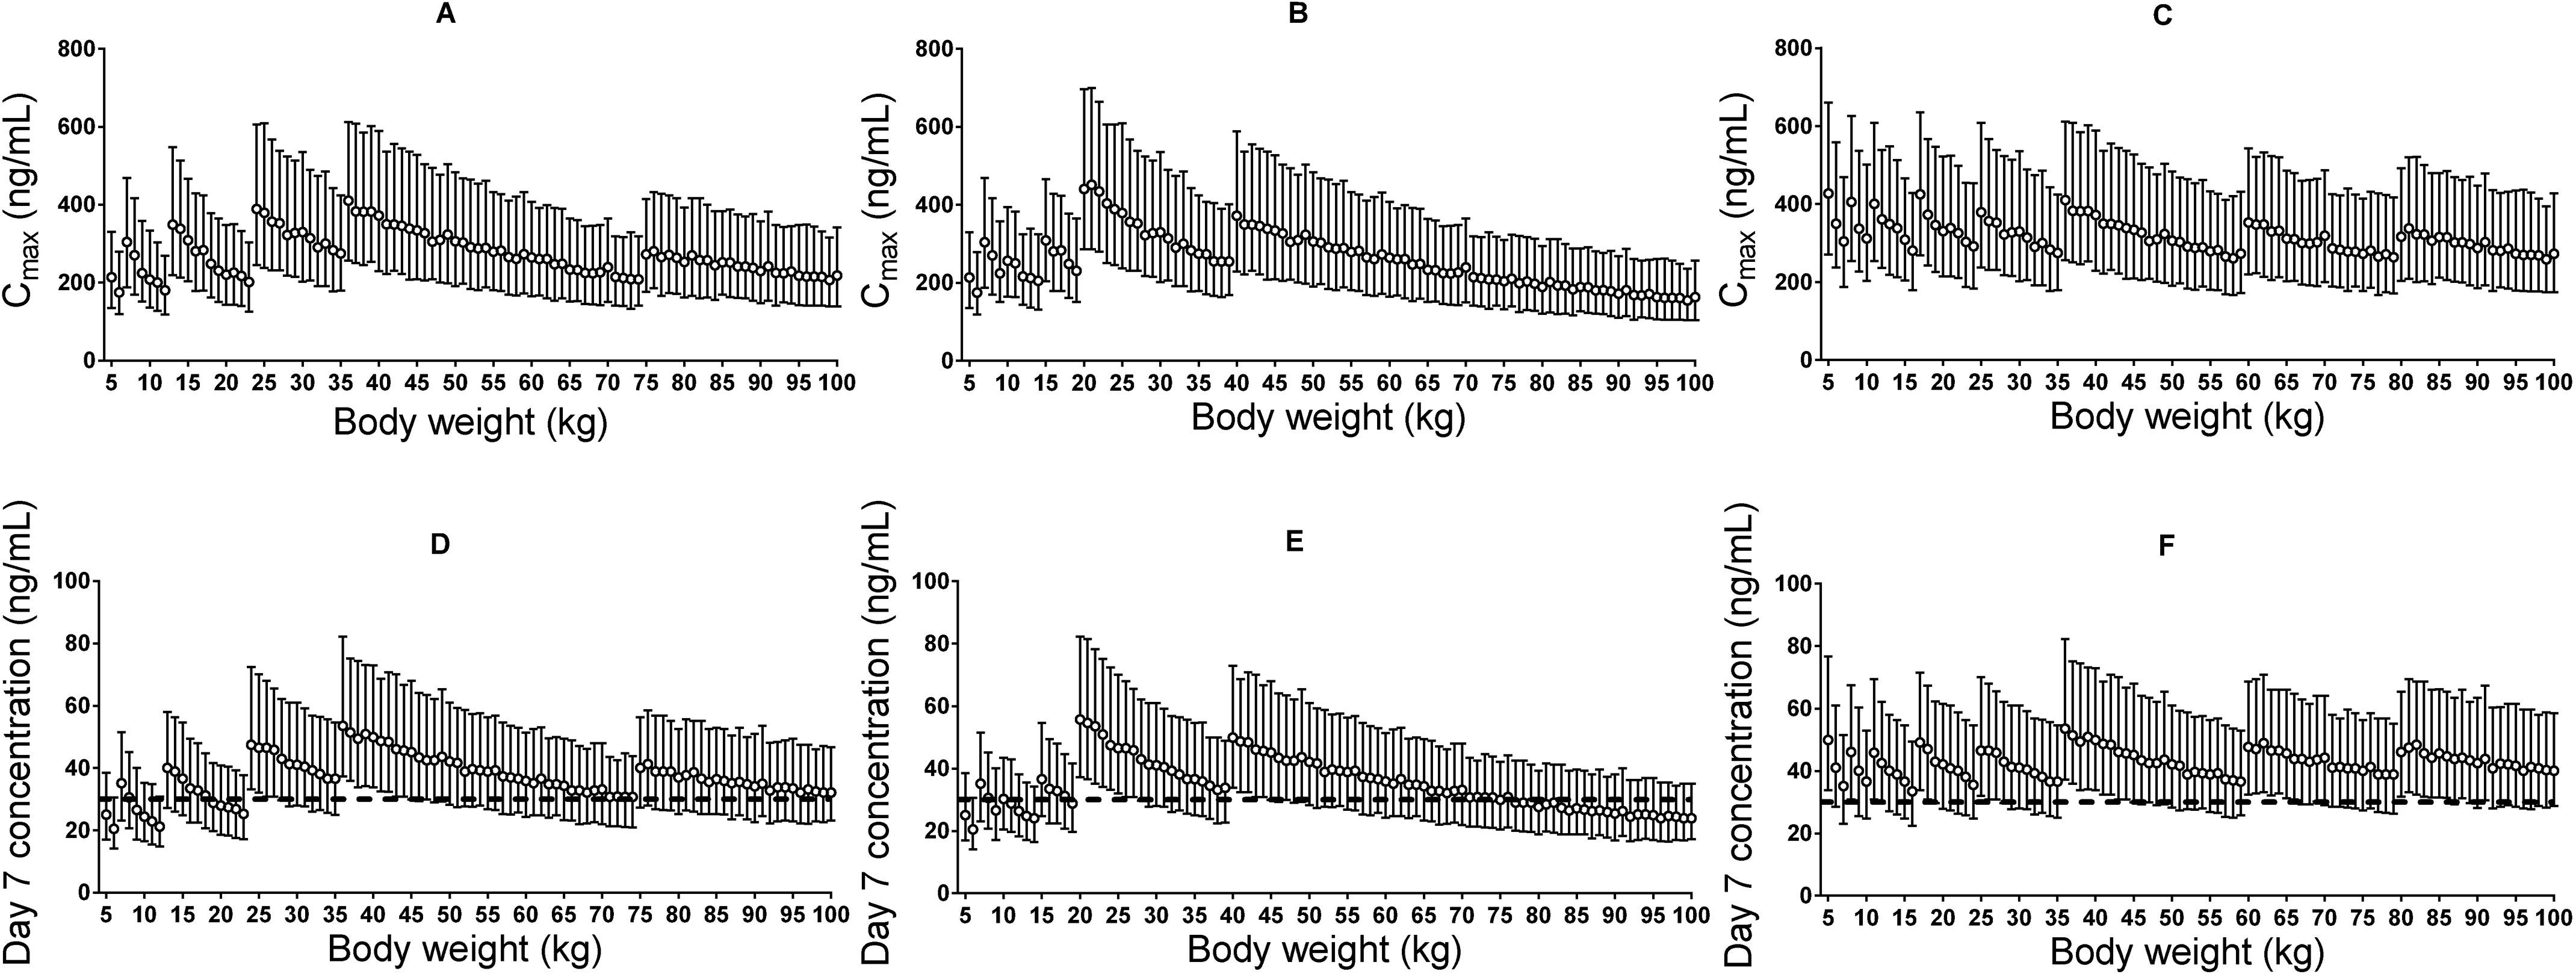 Stochastic simulations of dose regimens.